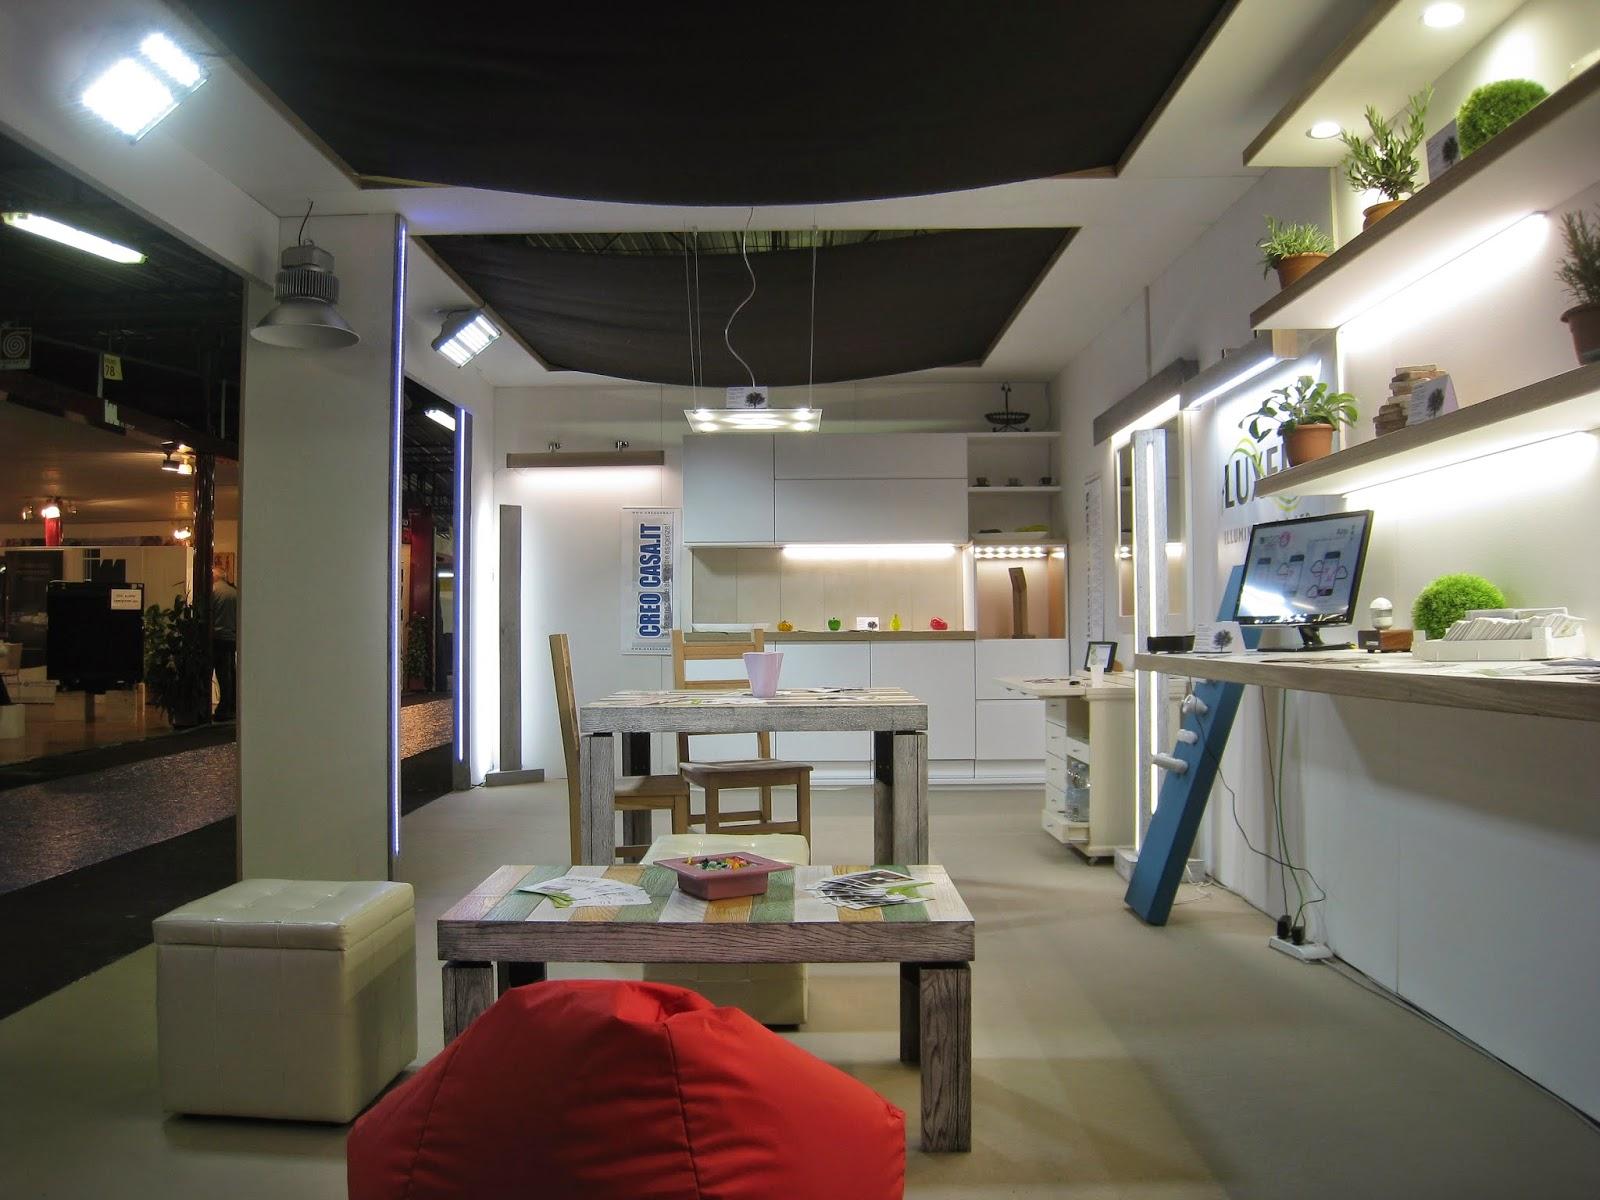 Progettazione e realizzazione stand fieristici